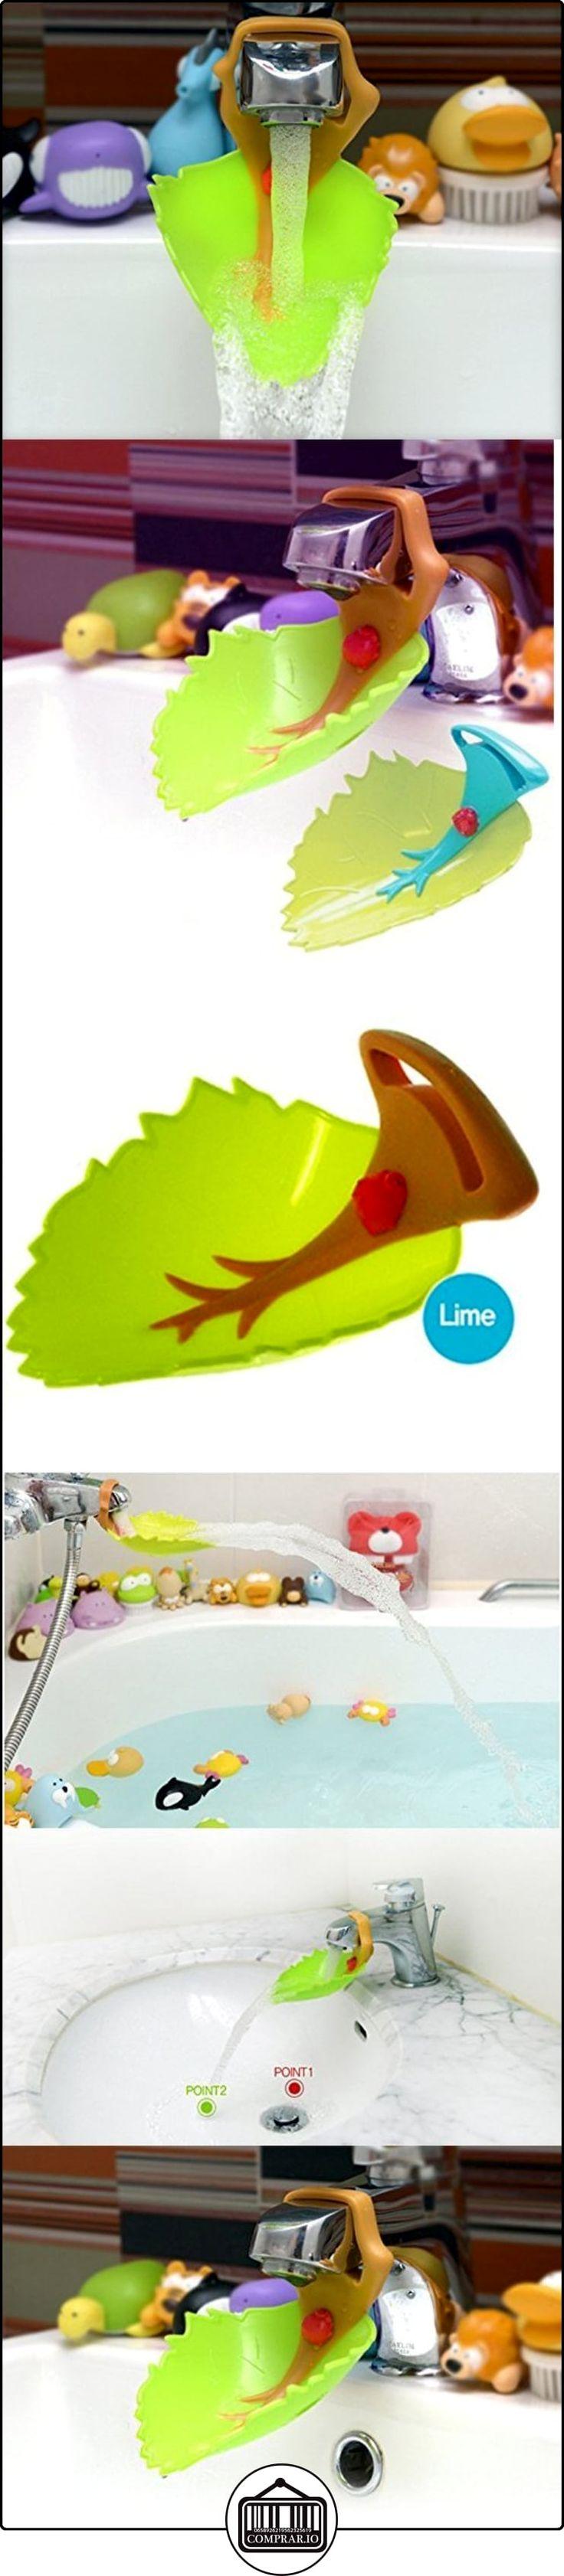 wuzmei Newest hojas tipo grifo extender-sink mango extensor para children-baby accesorios de baño make your kids love mano que deseen-embalaje de venta al por menor  ✿ Seguridad para tu bebé - (Protege a tus hijos) ✿ ▬► Ver oferta: http://comprar.io/goto/B01KG1TGUC